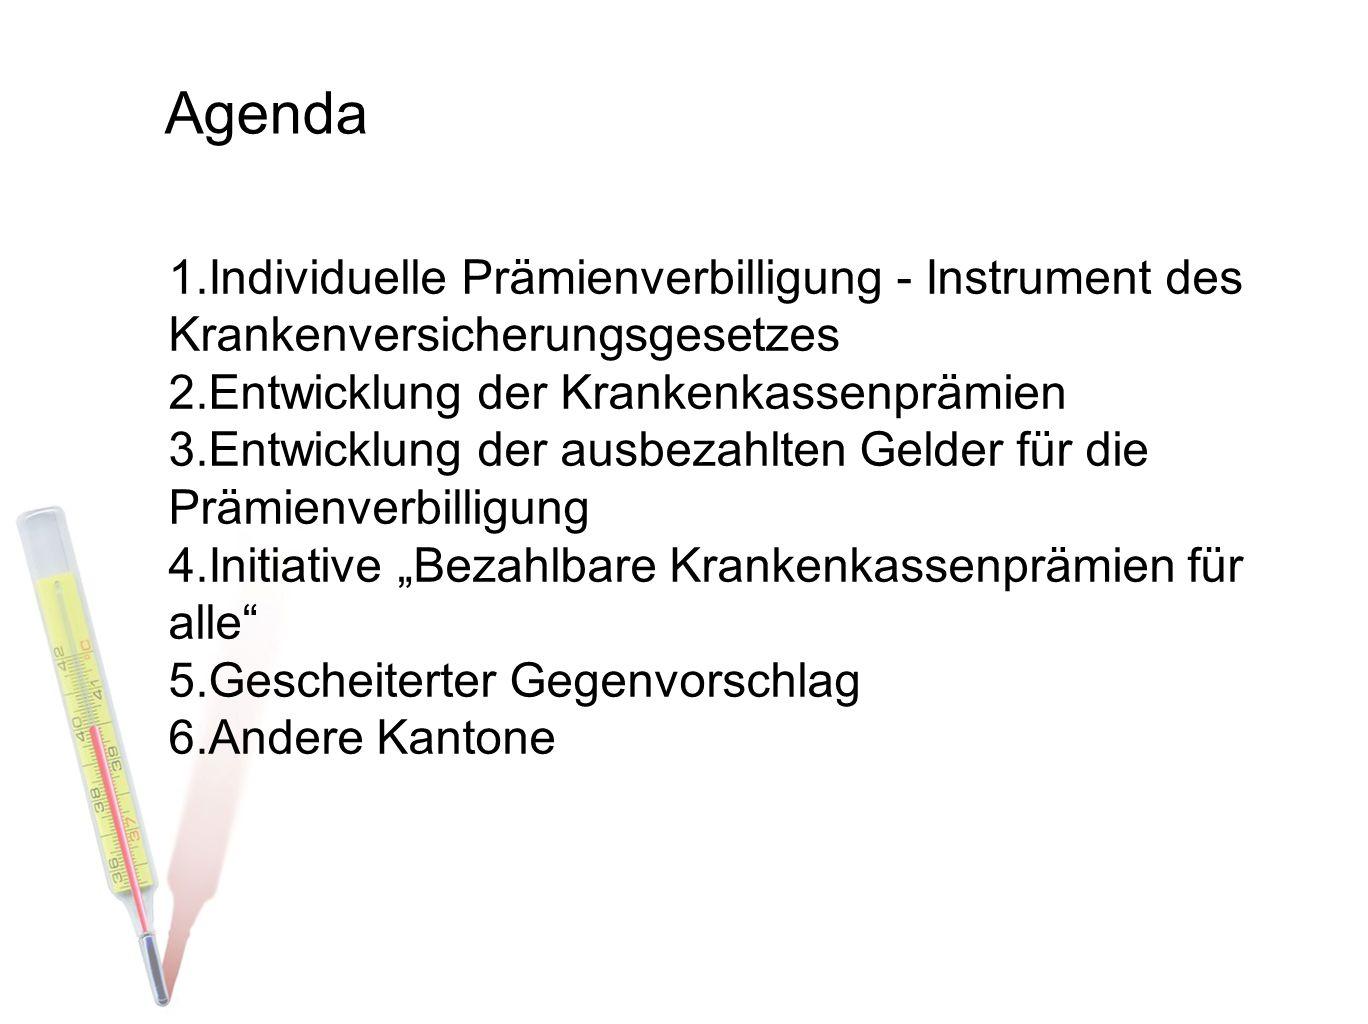 Agenda Individuelle Prämienverbilligung - Instrument des Krankenversicherungsgesetzes. Entwicklung der Krankenkassenprämien.